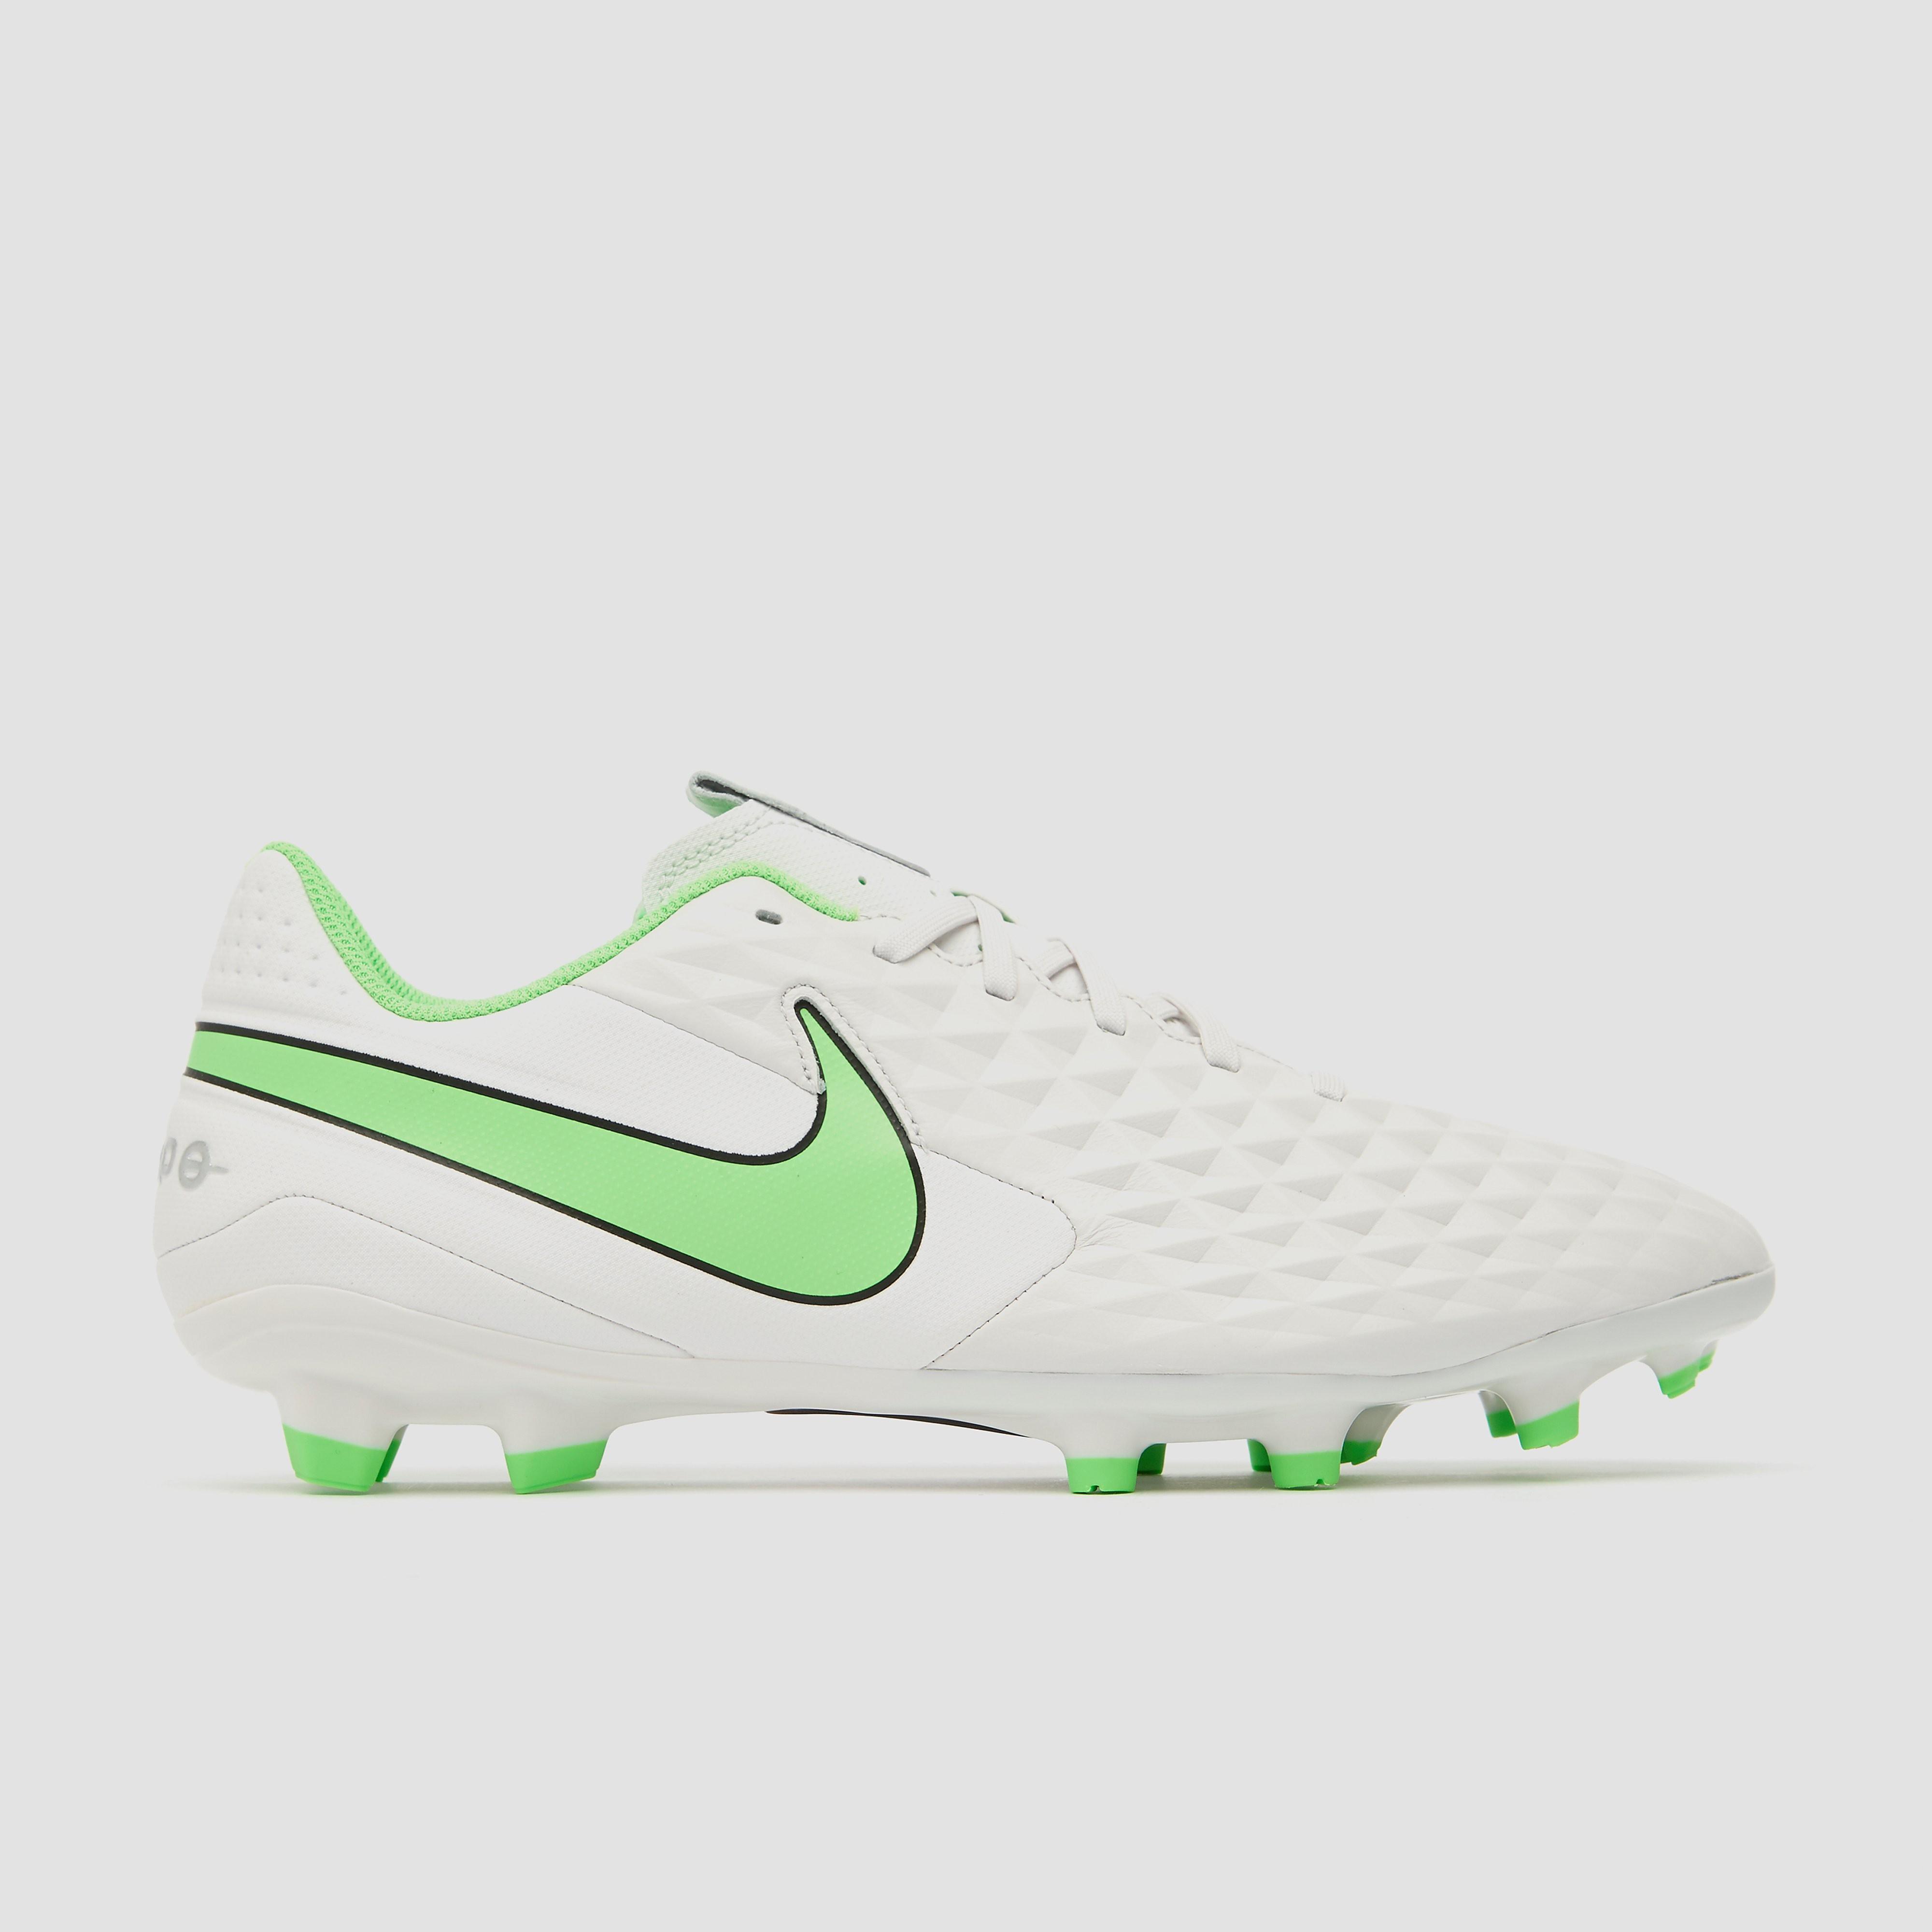 NIKE Tiempo legend 8 academy mg voetbalschoenen wit/groen Dames